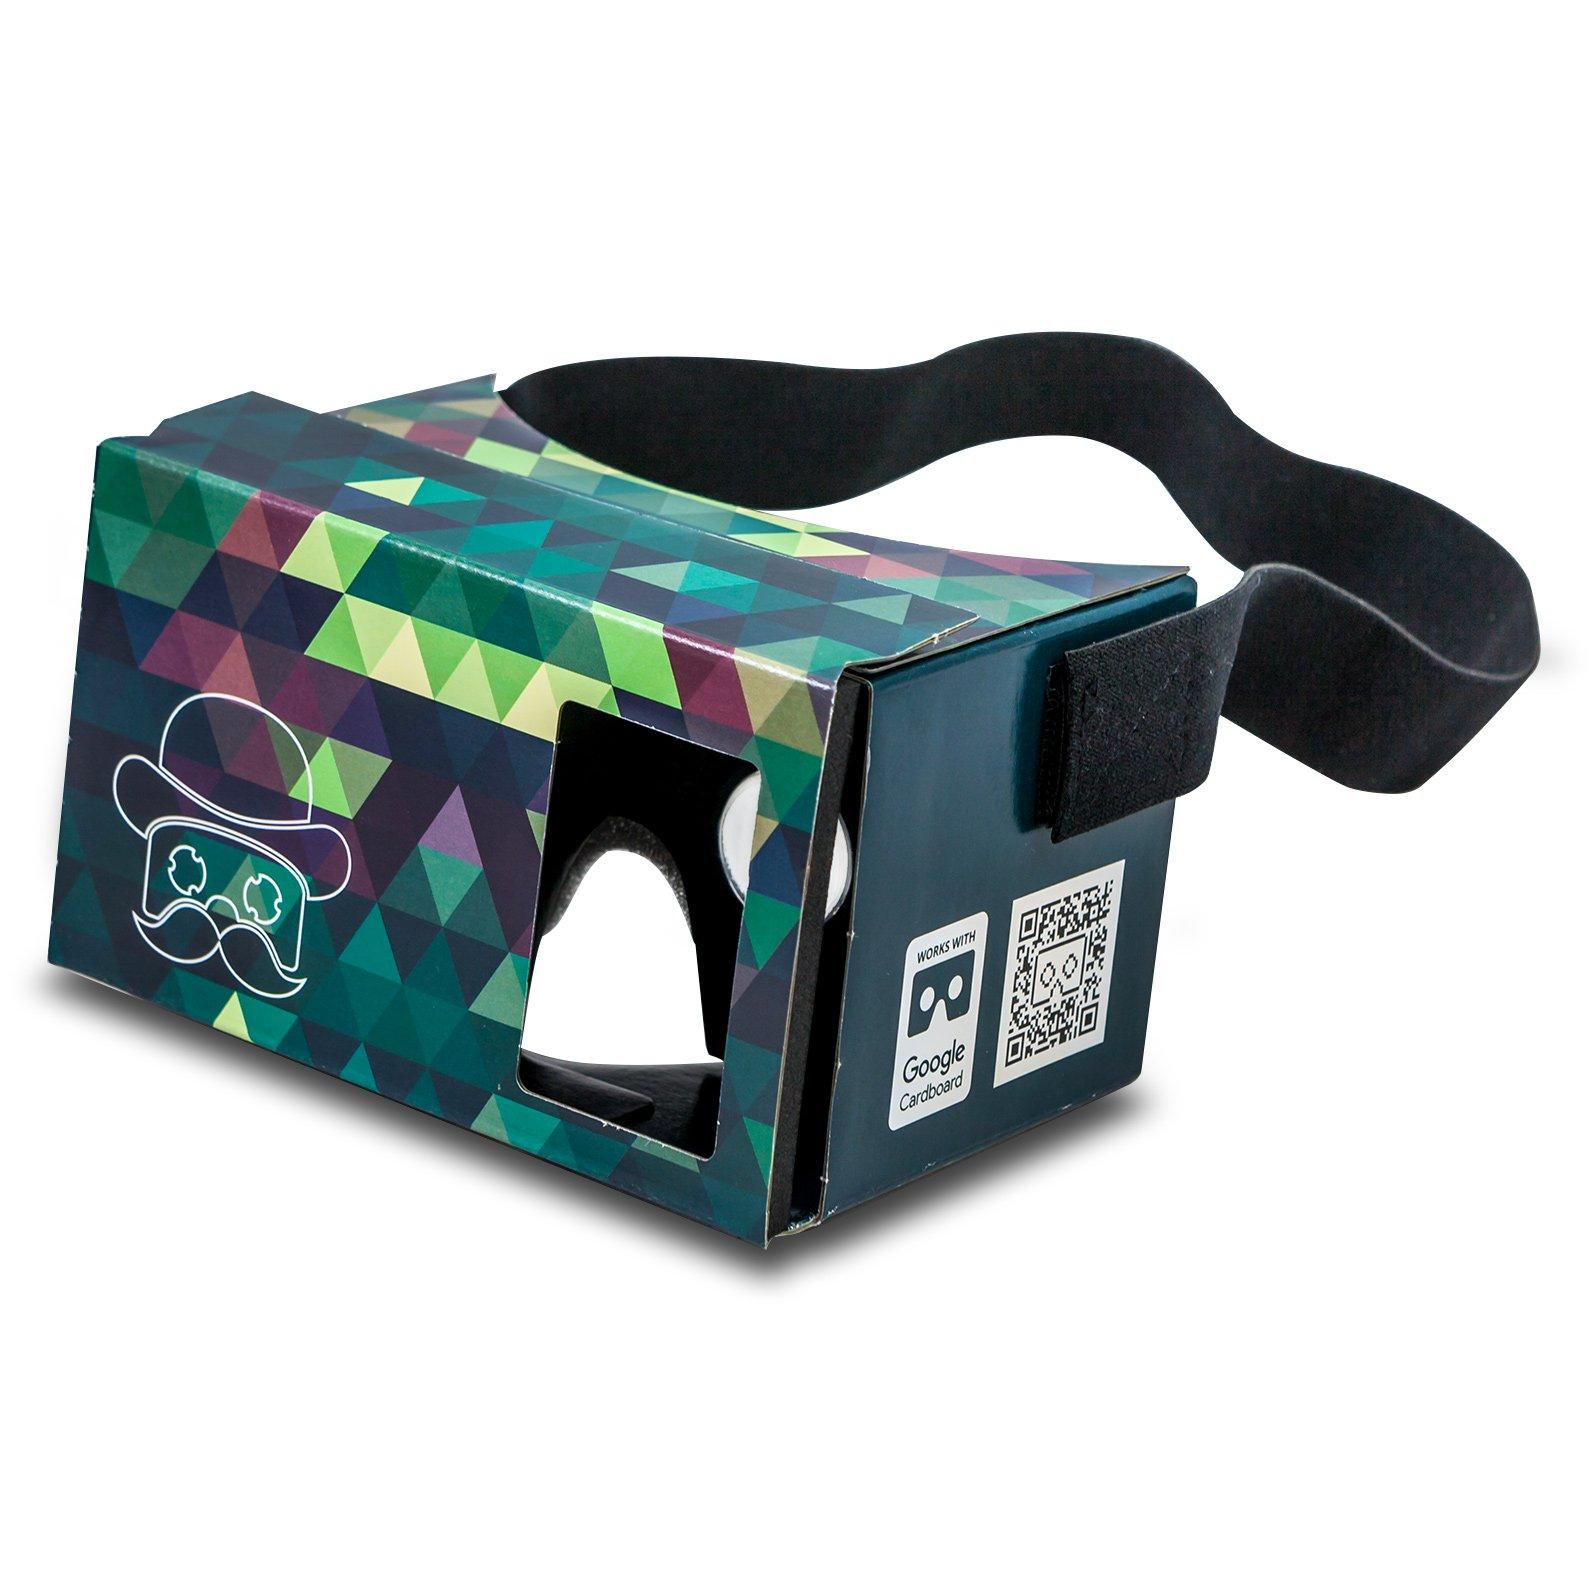 Google Cardboard POP! CARDBOARD + bandeau GRATUIT + appuis en mousse. Pour Android et iPhone pour 3,5 – 6,0 pouces. Lentilles optiques et bandeau inclus. Carton Lunettes 3D Réalité Virtuelle glasses VR glasses Virtual Reality Viewer VR goggles